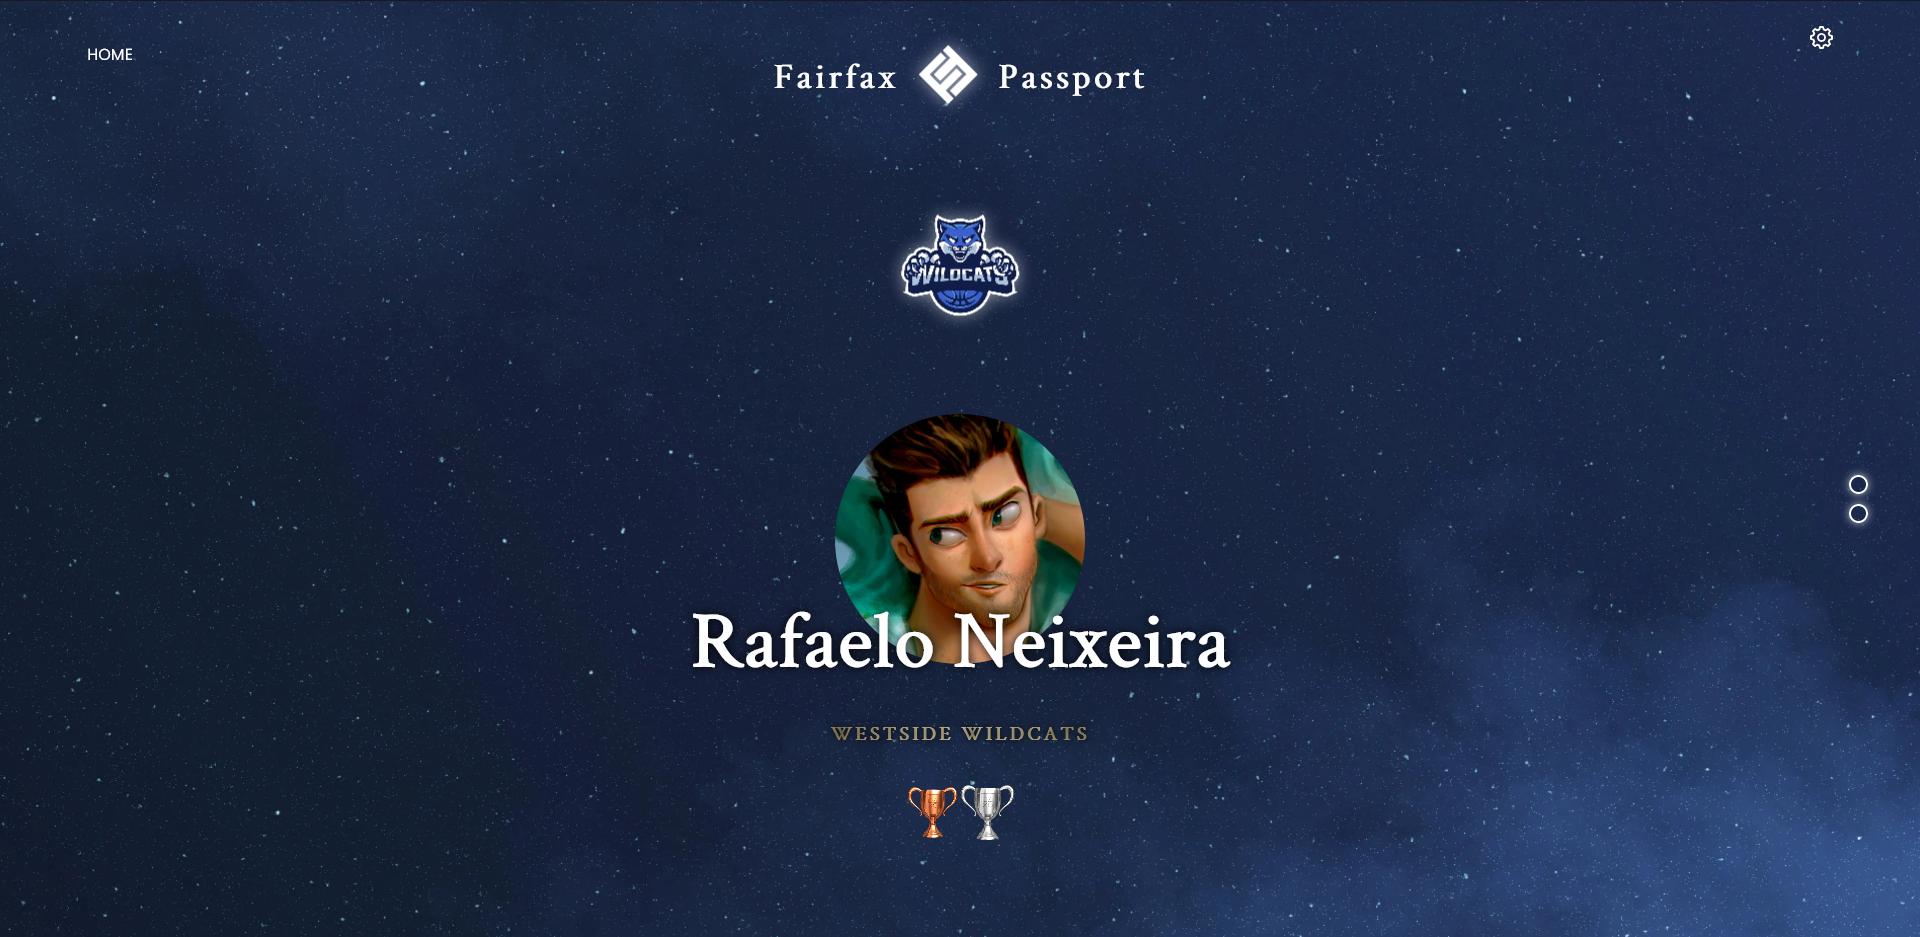 Fairfax_3